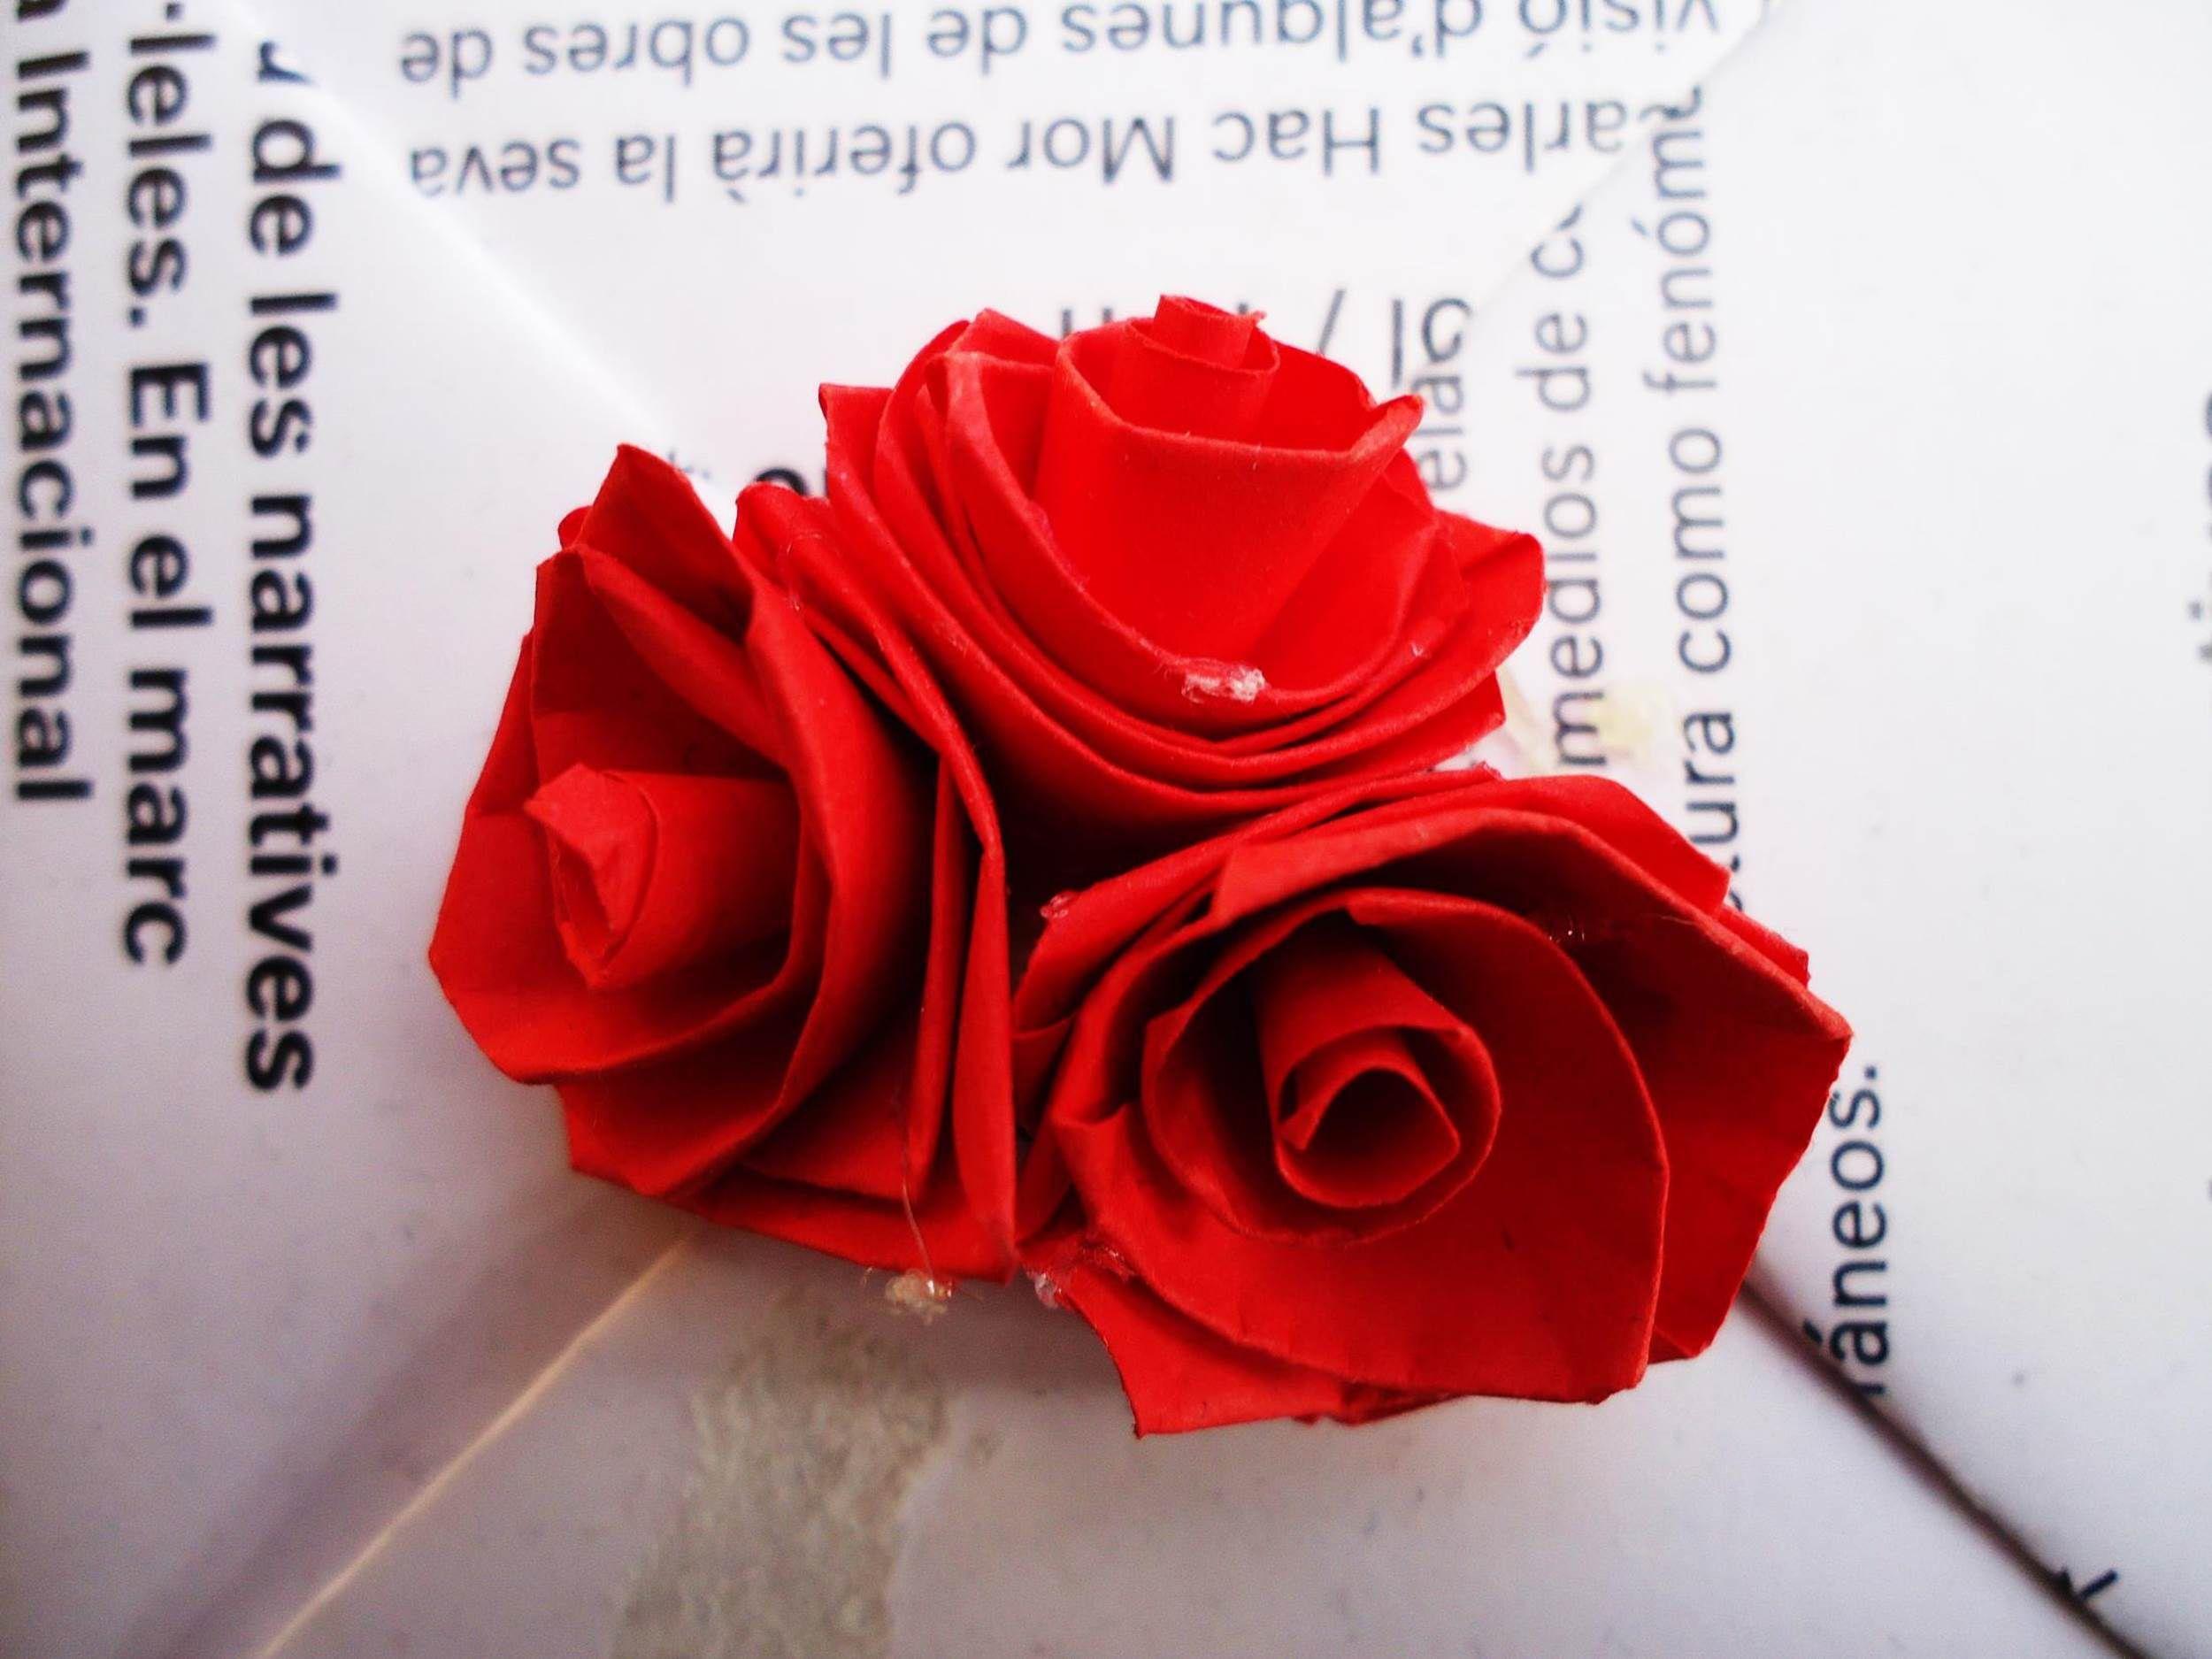 paso a paso para hacer rosas miniatura hechas con la tecnica de quilling o papel filigrana - Hacer Rosas De Papel